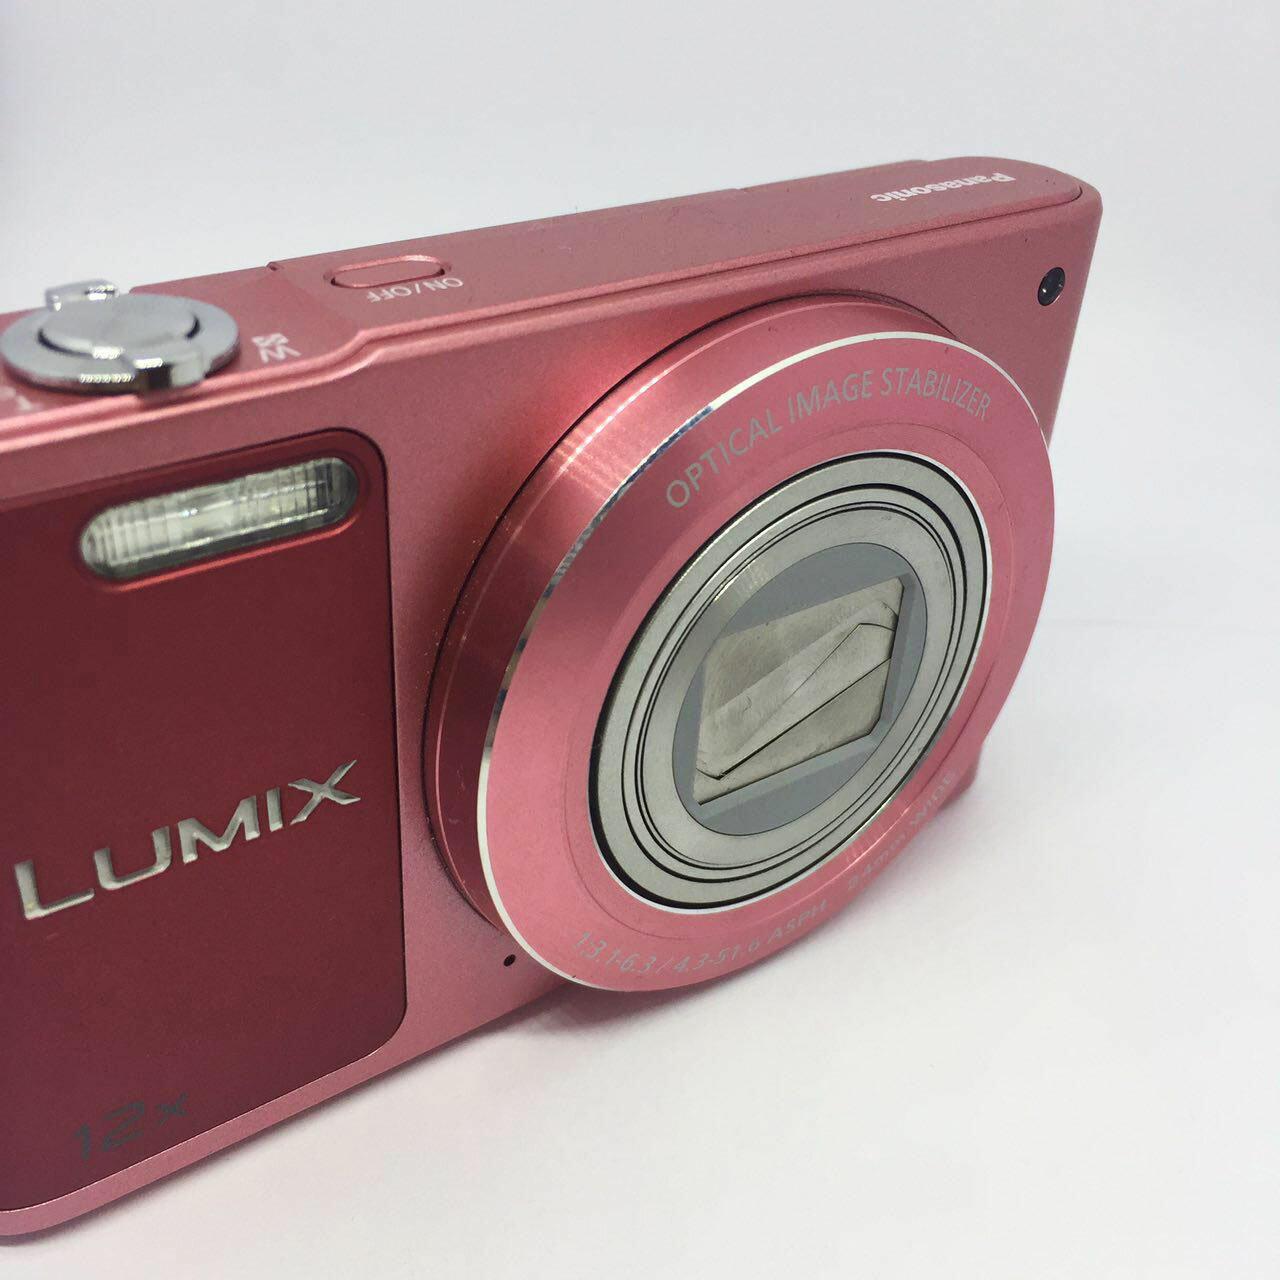 【創宇通訊】LUMIX SZ10粉紅【中古機】